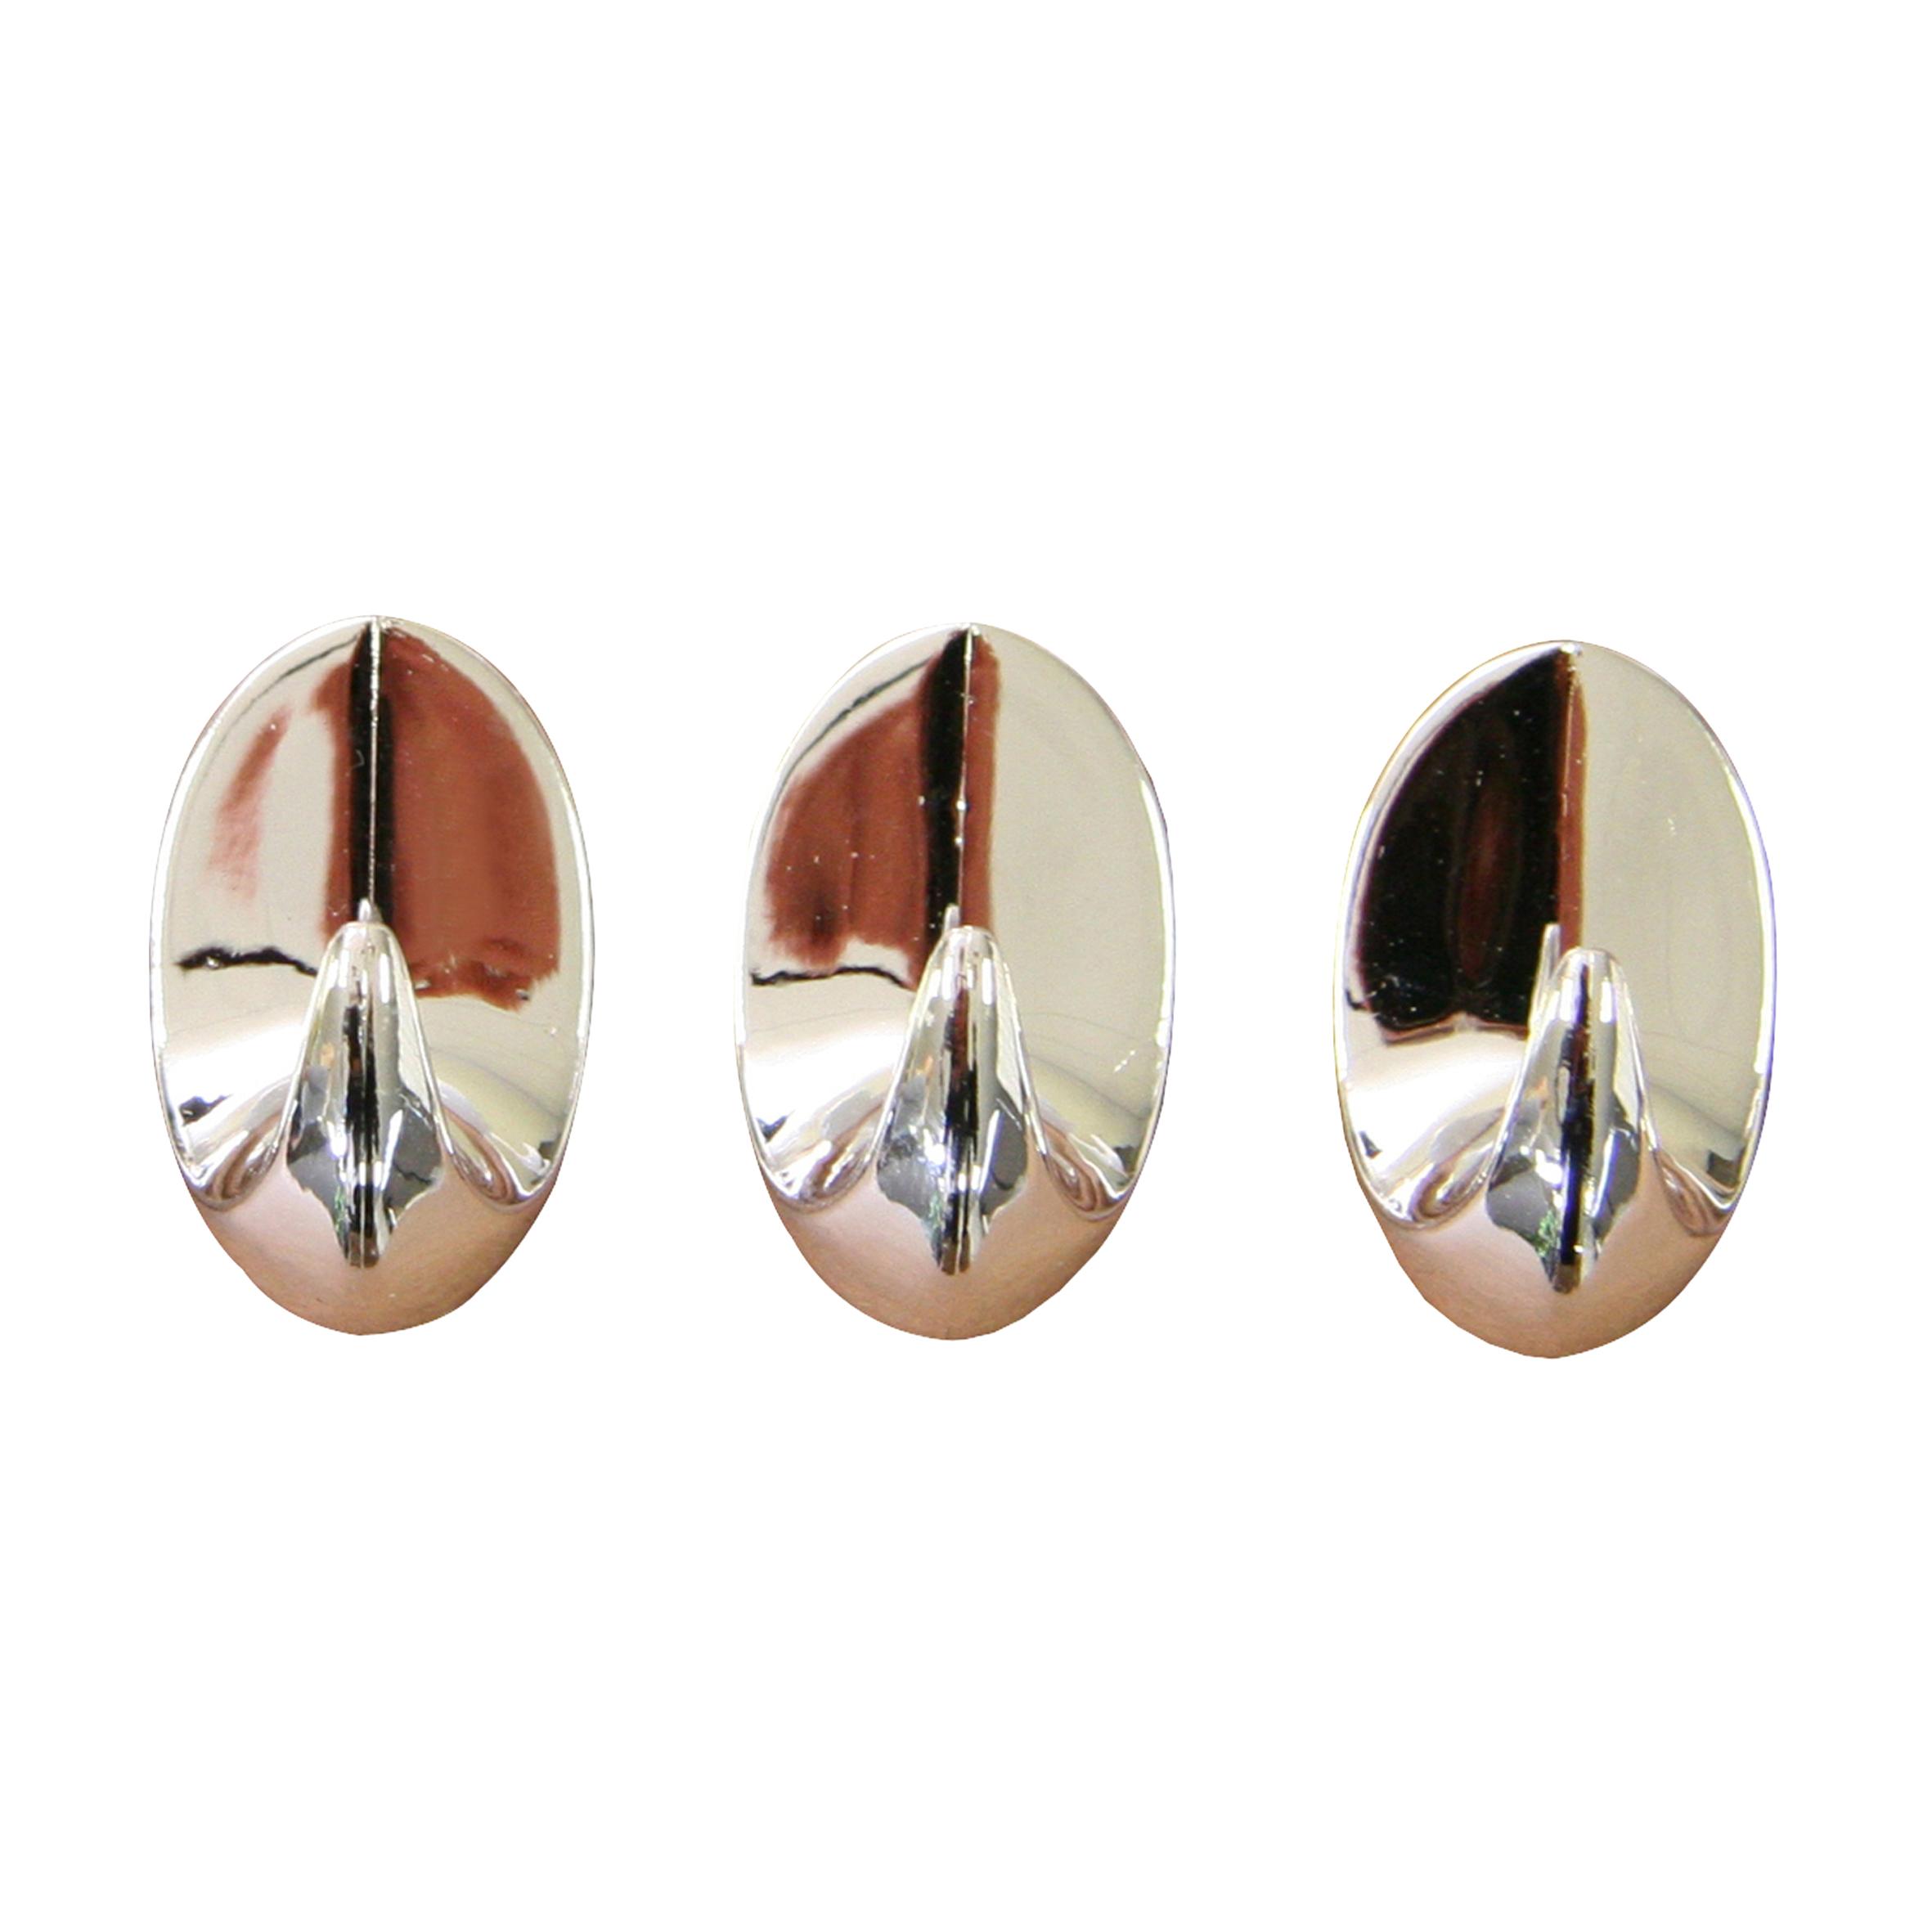 Крючок настенный Axentia, самоклеющийся, 3 шт202301Настенный крючок Axentia, изготовленный из хромированного пластика, подходит как для ванной комнаты, так и для кухни или прихожей. Приклеивается на гладкую очищенную и обезжиренную поверхность. Изделие идеально дополнит и подчеркнет ваш интерьер. Размер крючка: 3 х 3 х 4 см.